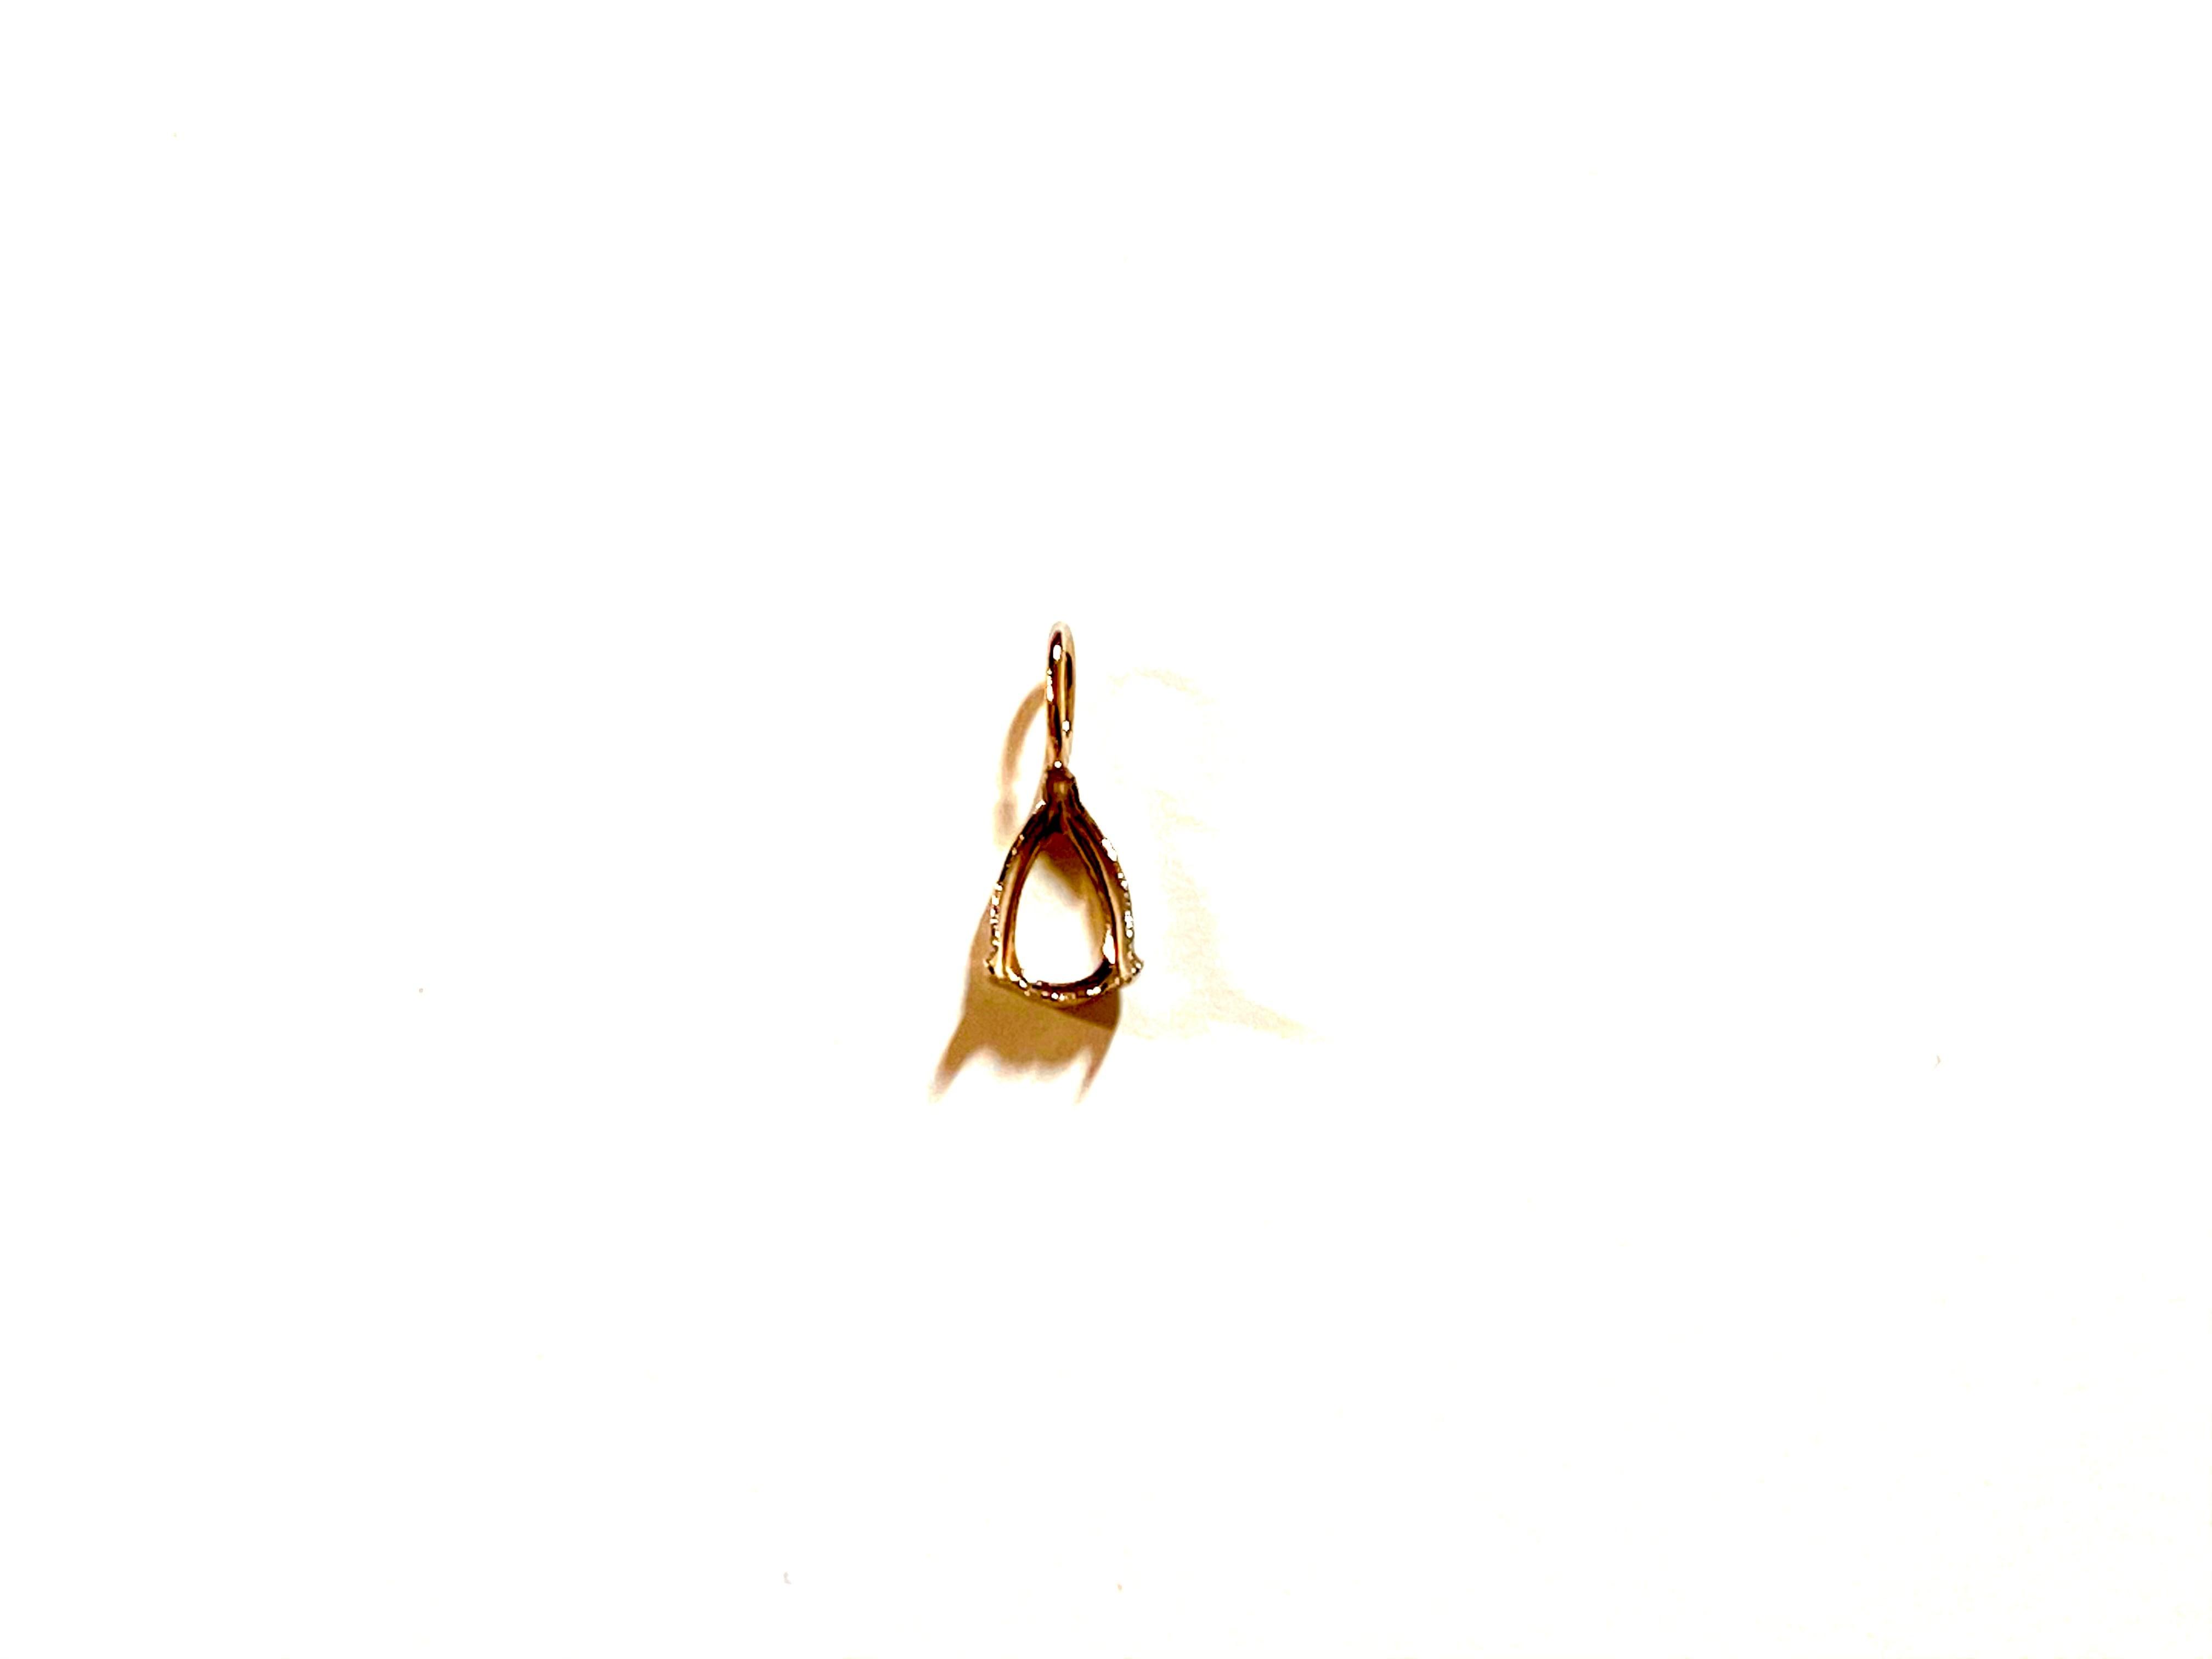 【K10YG】『タテ5mm ヨコ3mm』 ペアシェイプカット対応空枠 [空枠No,4]